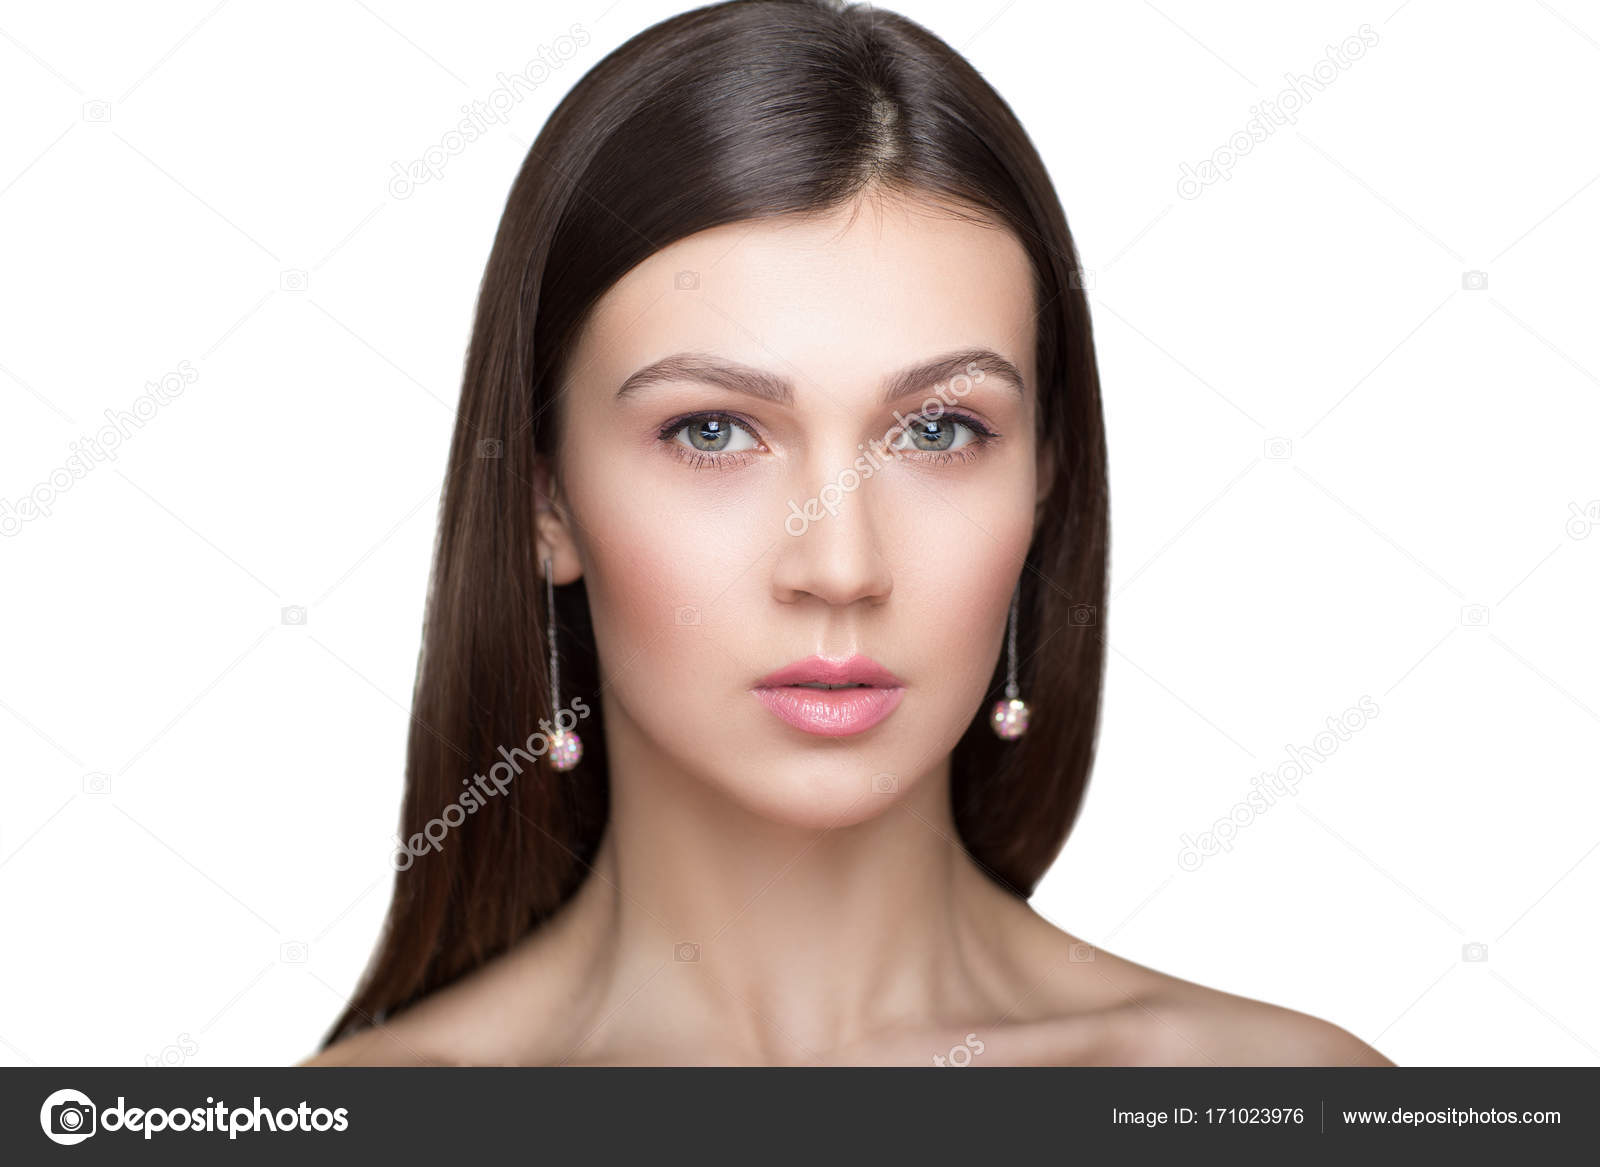 Zdjęcie dziewczyny z szyjką